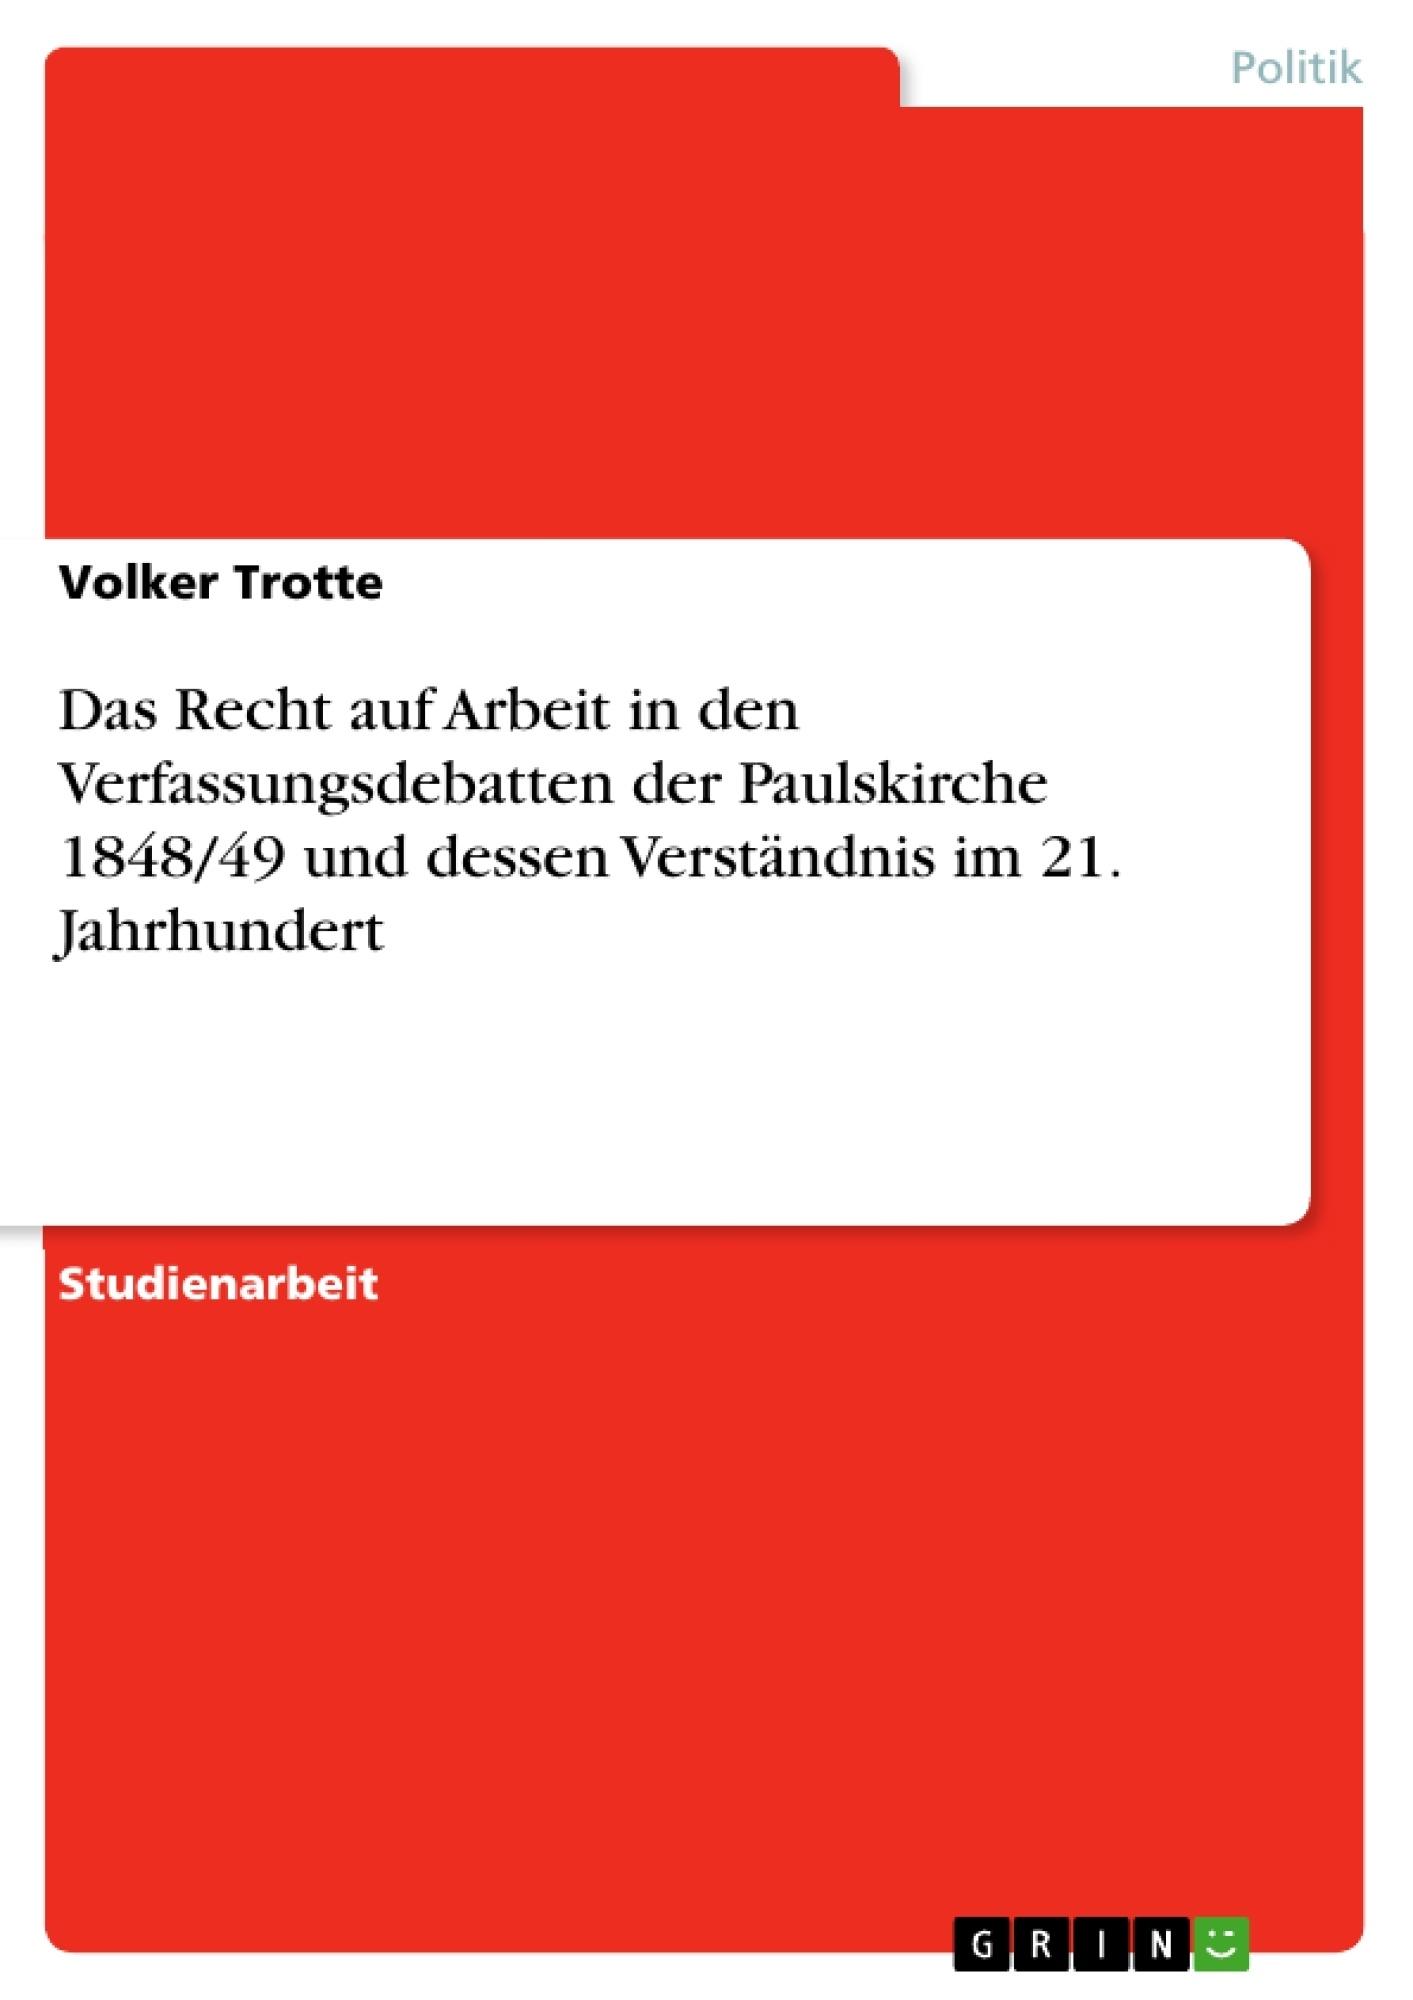 Titel: Das Recht auf Arbeit  in den Verfassungsdebatten der Paulskirche 1848/49 und dessen Verständnis im 21. Jahrhundert